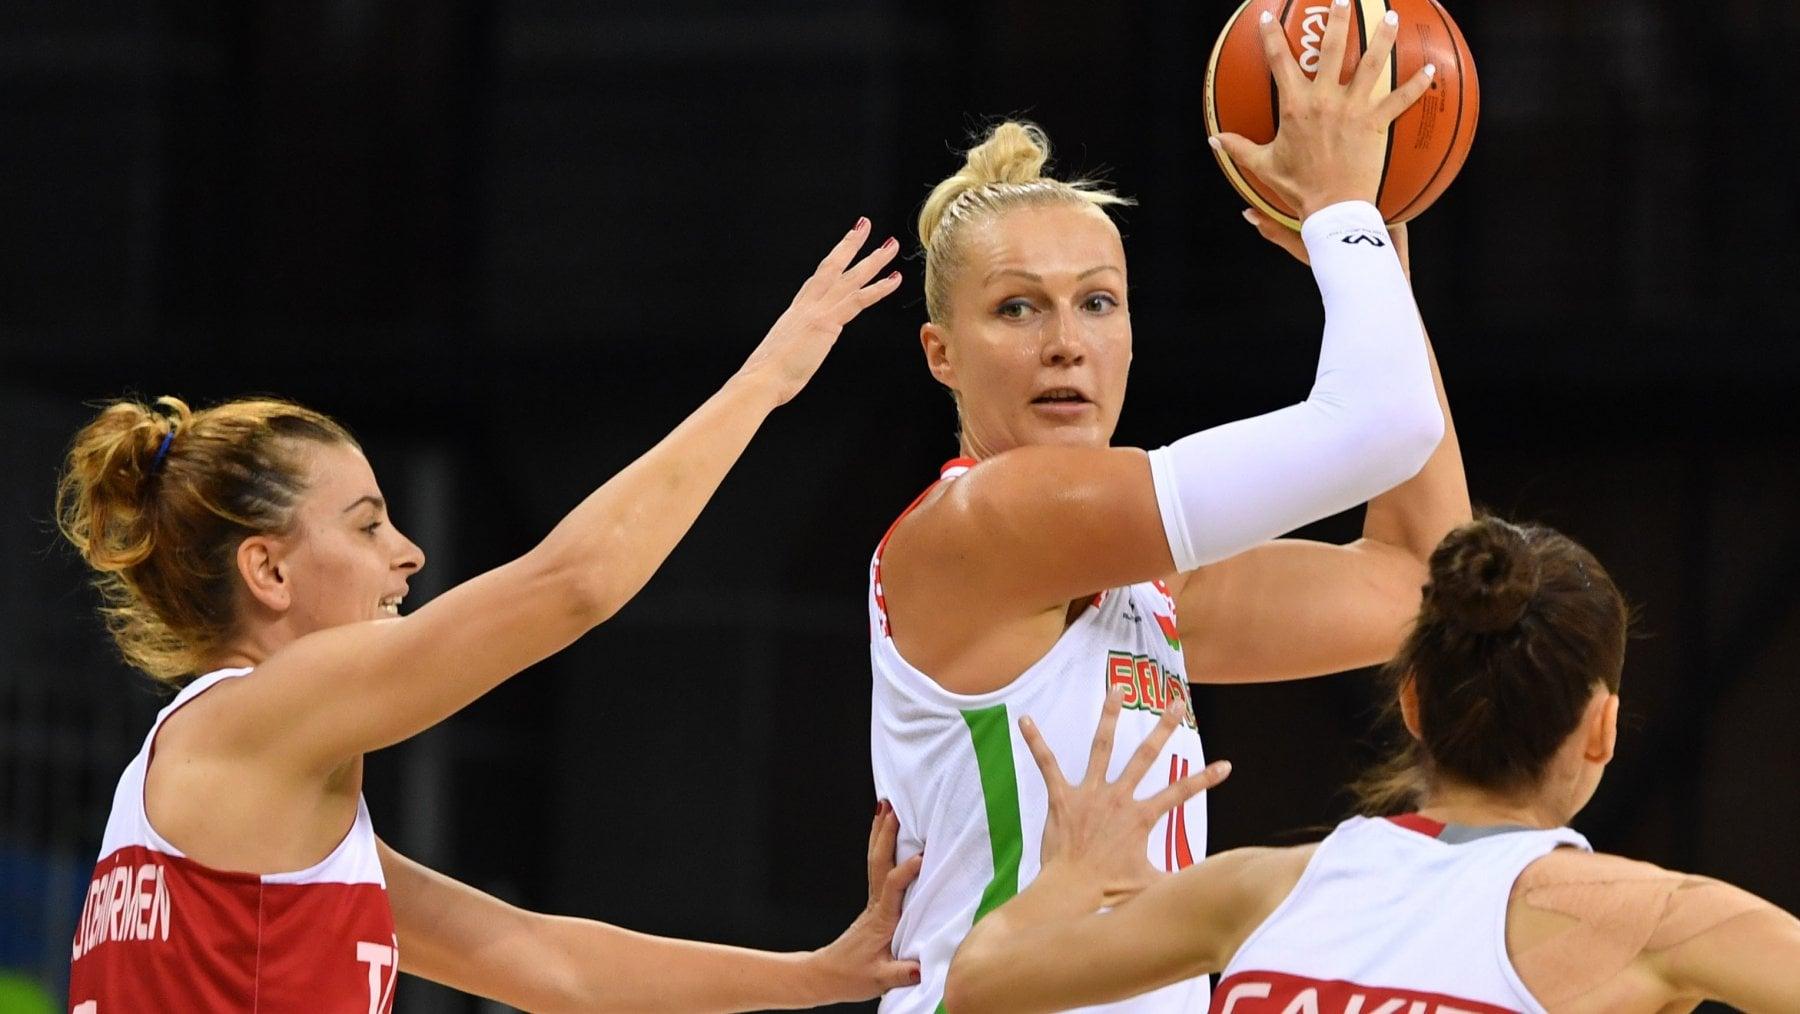 """214004942 142e9b86 d50d 49cc 94fc 1ae5a16b946a - L'atleta Timanovskaja: """"In Bielorussia mi aspettavano il carcere o l'ospedale psichiatrico"""""""